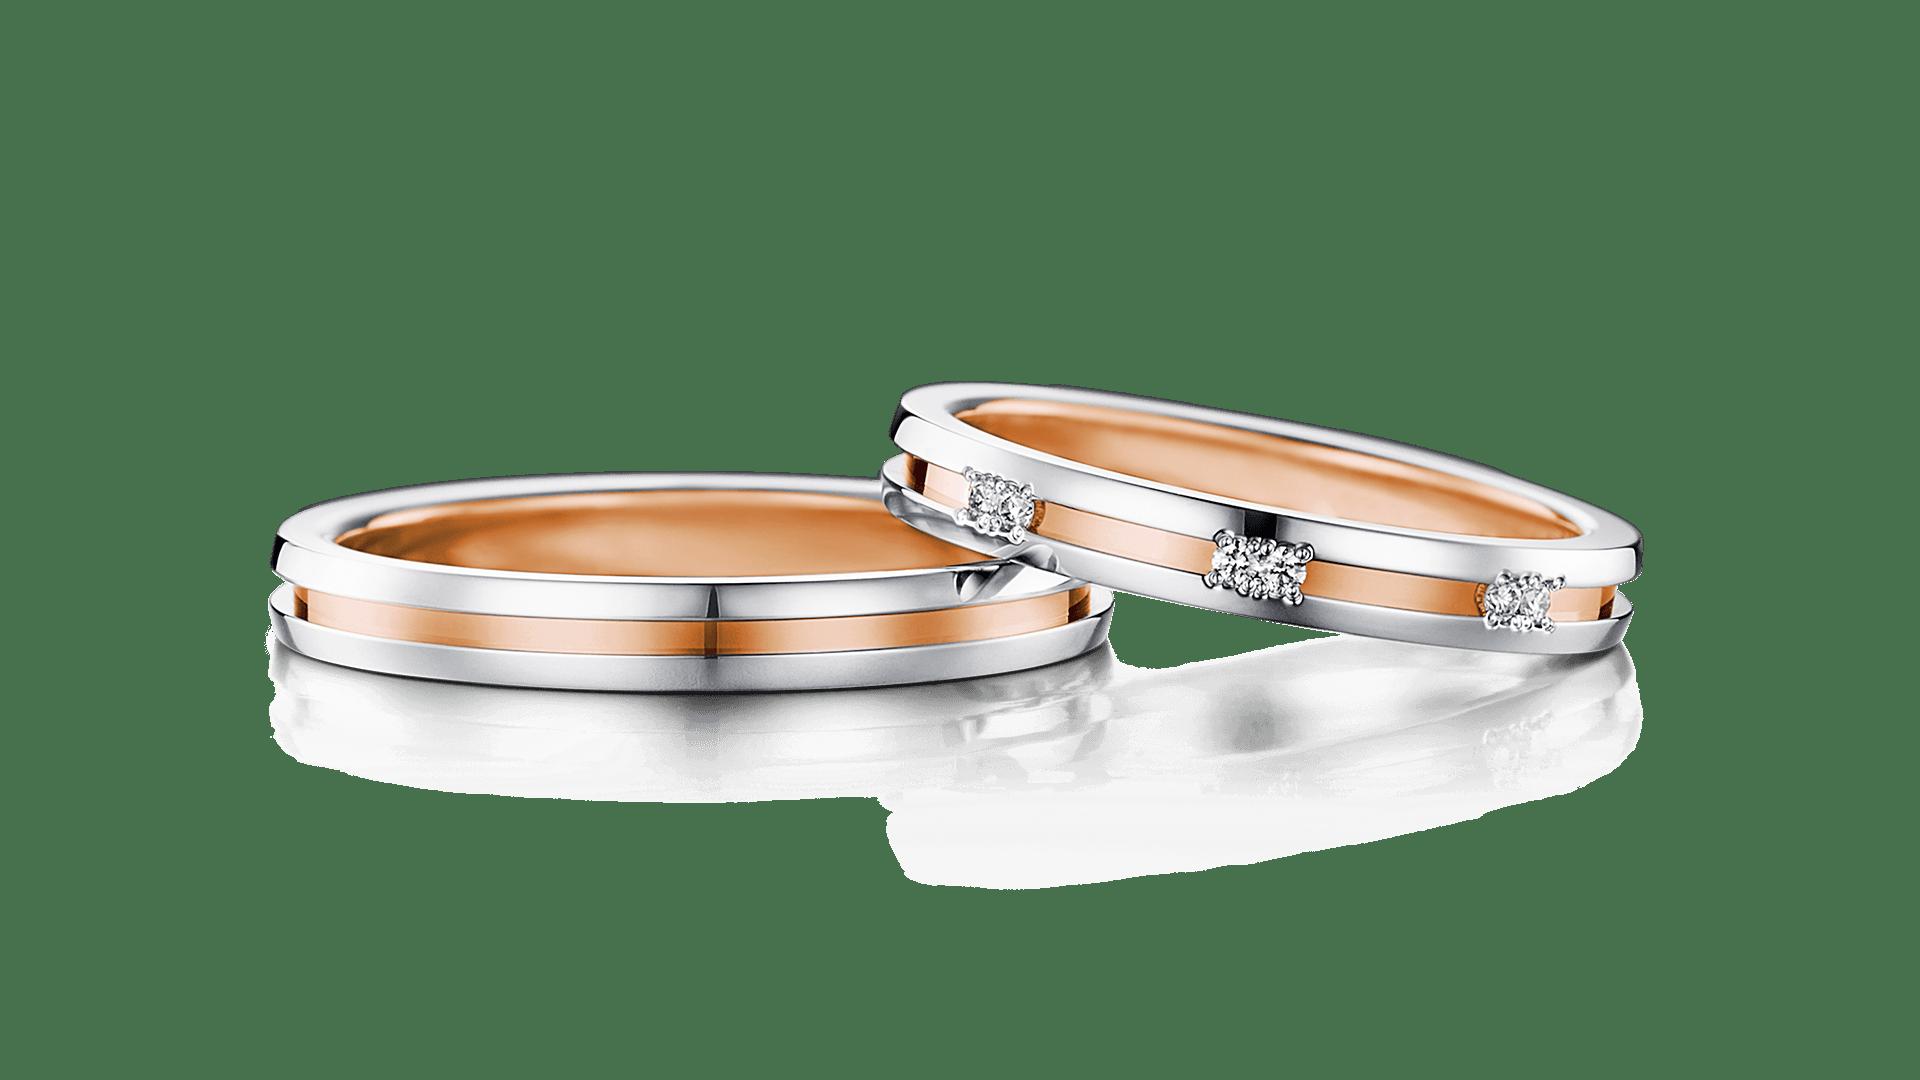 saga サーガ | 結婚指輪サムネイル 1